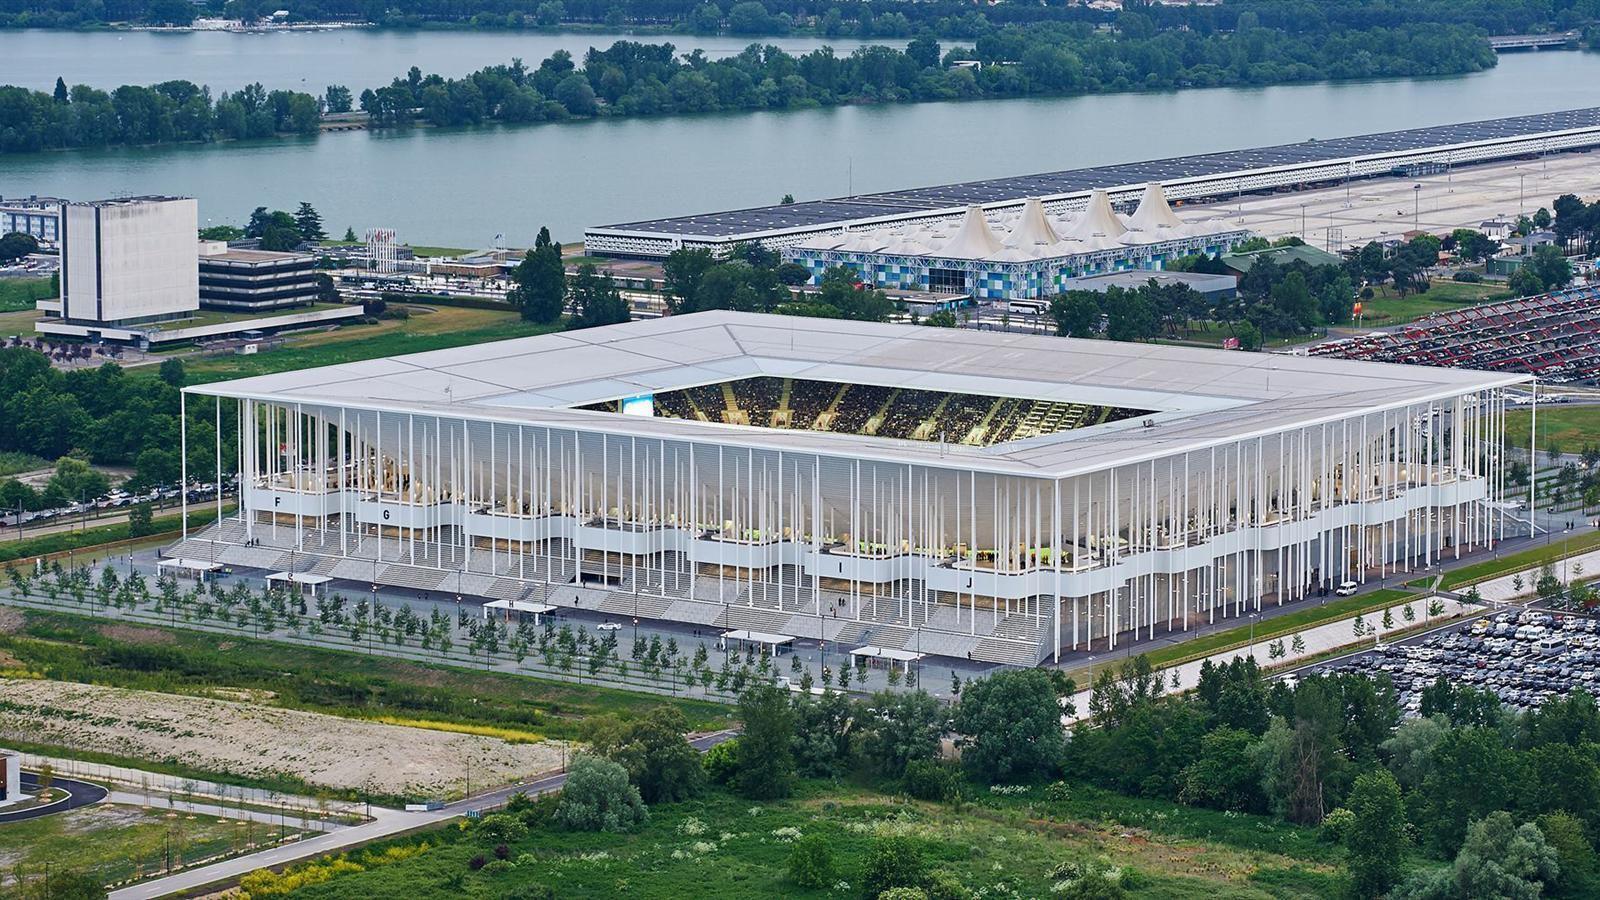 Bordeaux Stadının adı ne? Bordeaux Stadı nerede, kapasitesi